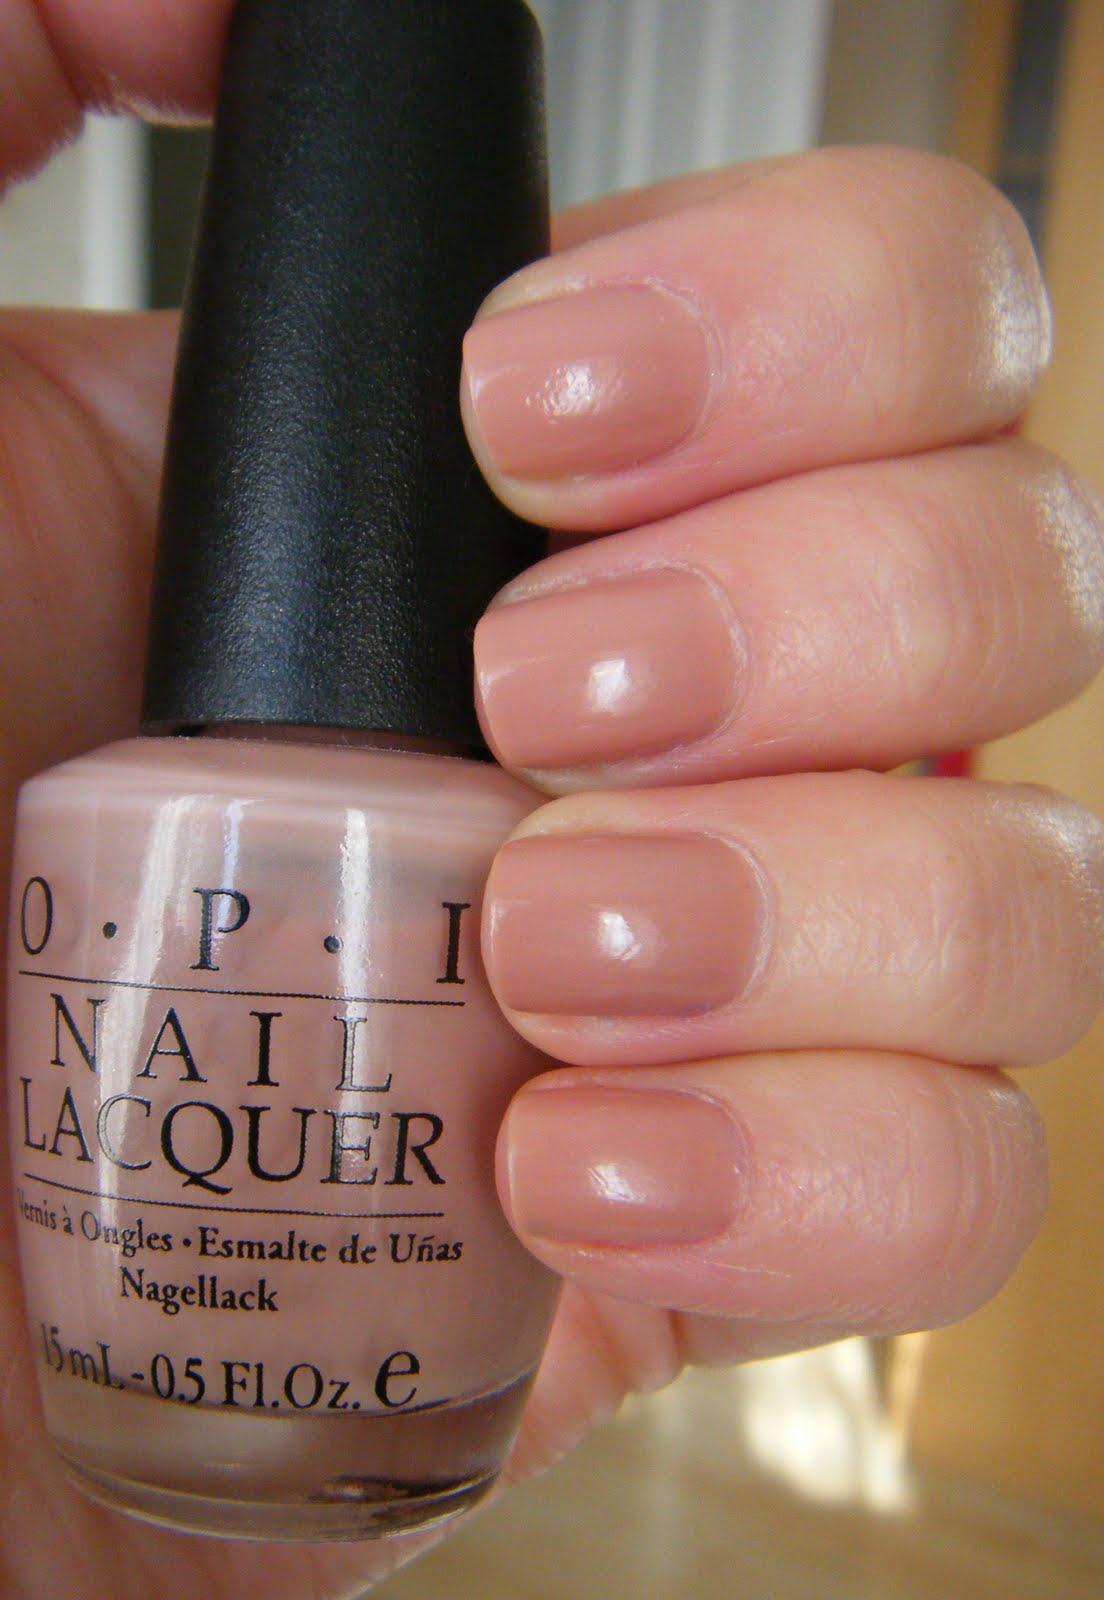 Help Me Find A Nail Polish Colour!